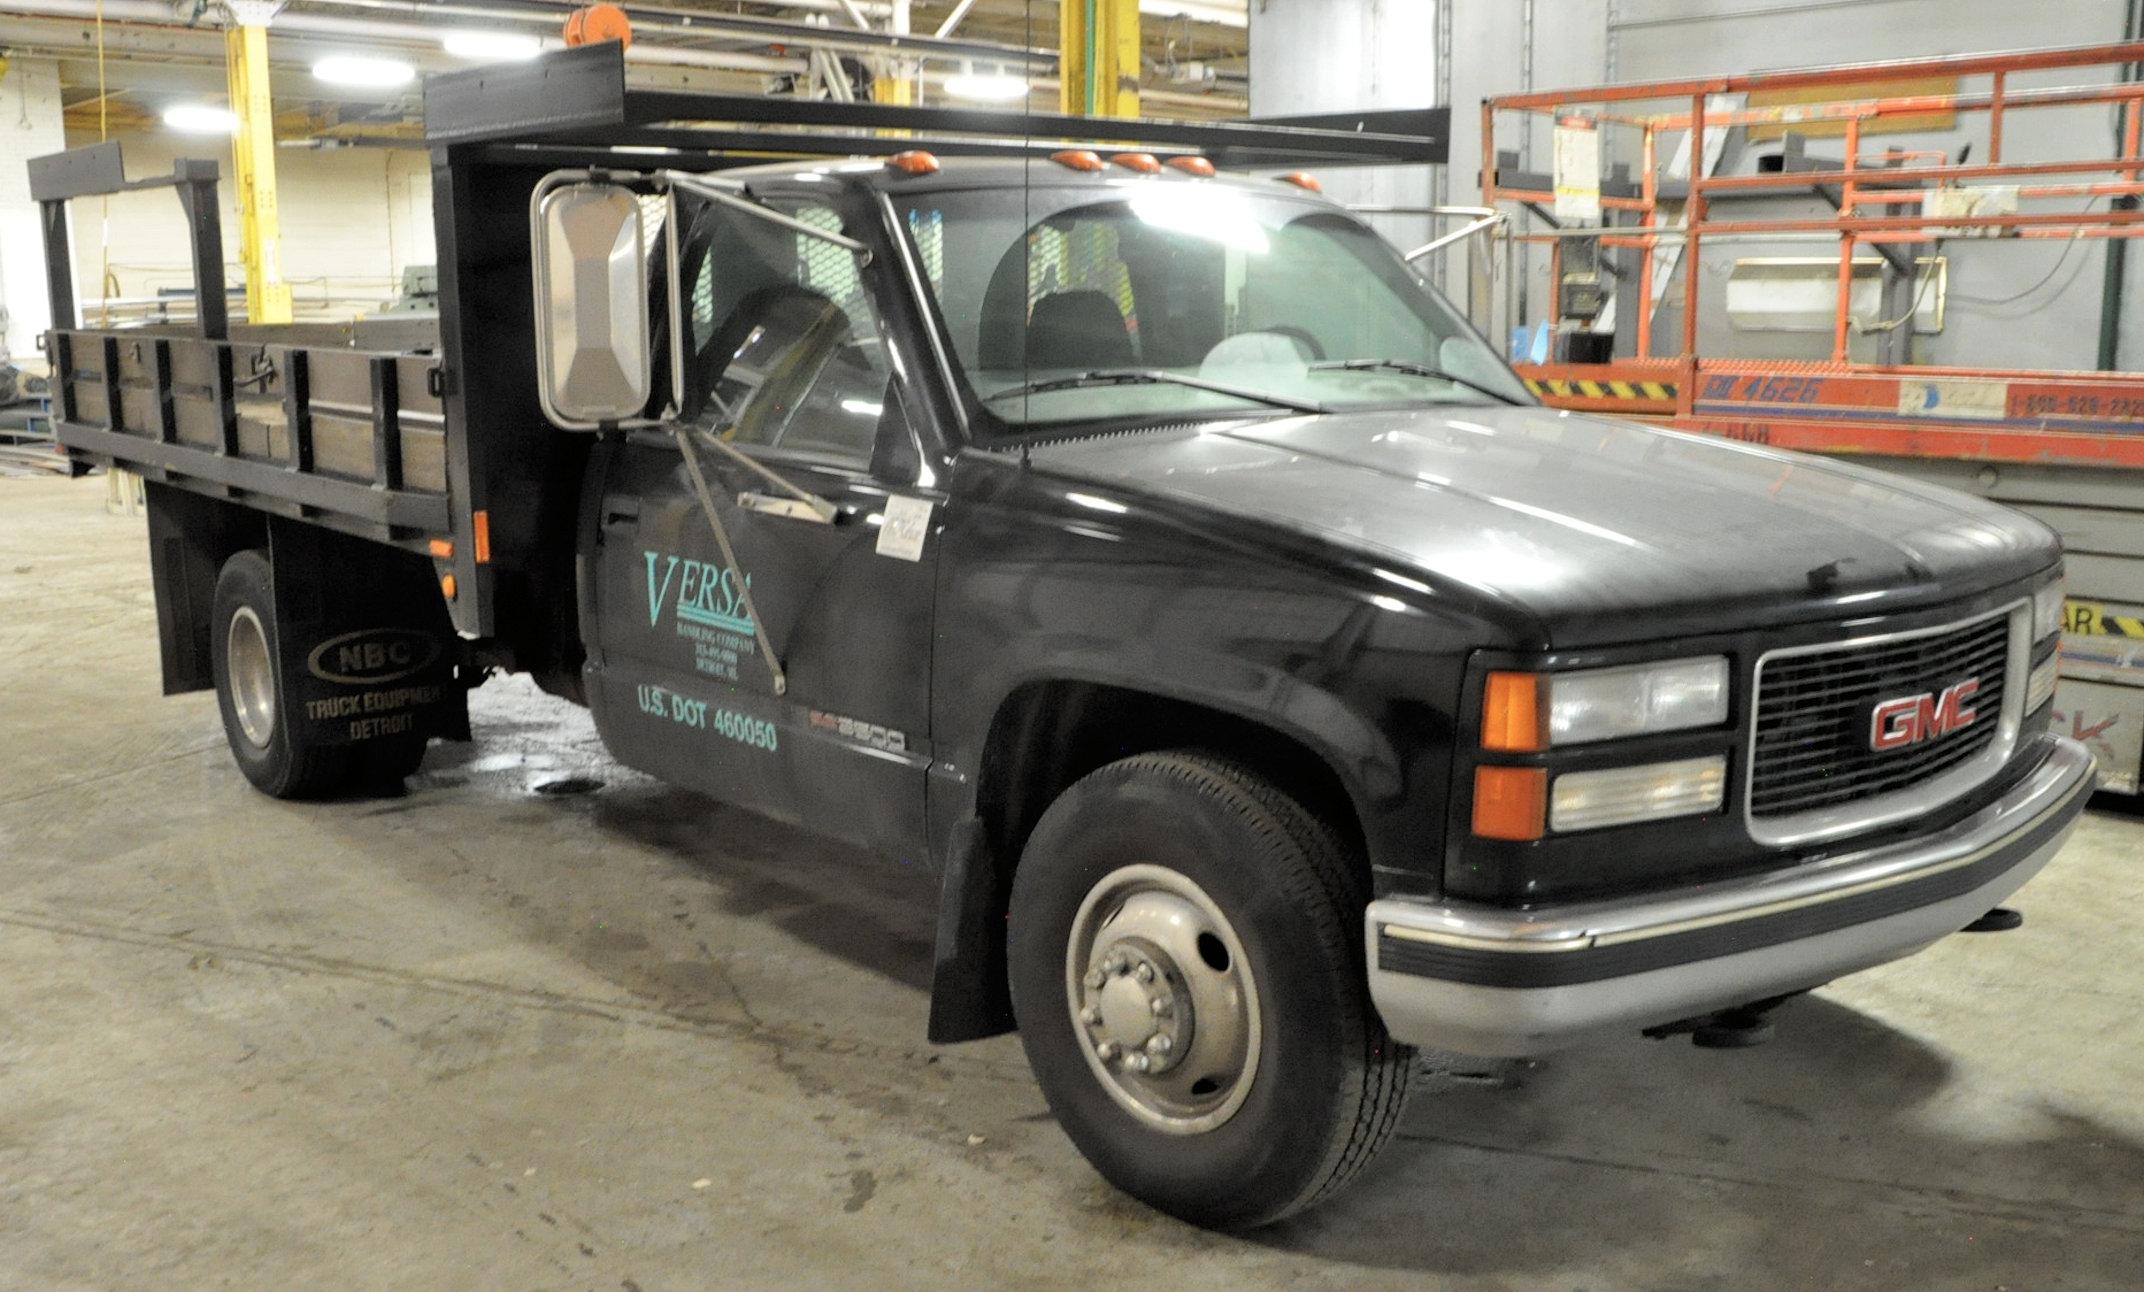 2000 GMC Sierra C3500 SLE, 12' x 8' Stake Truck - Image 2 of 5